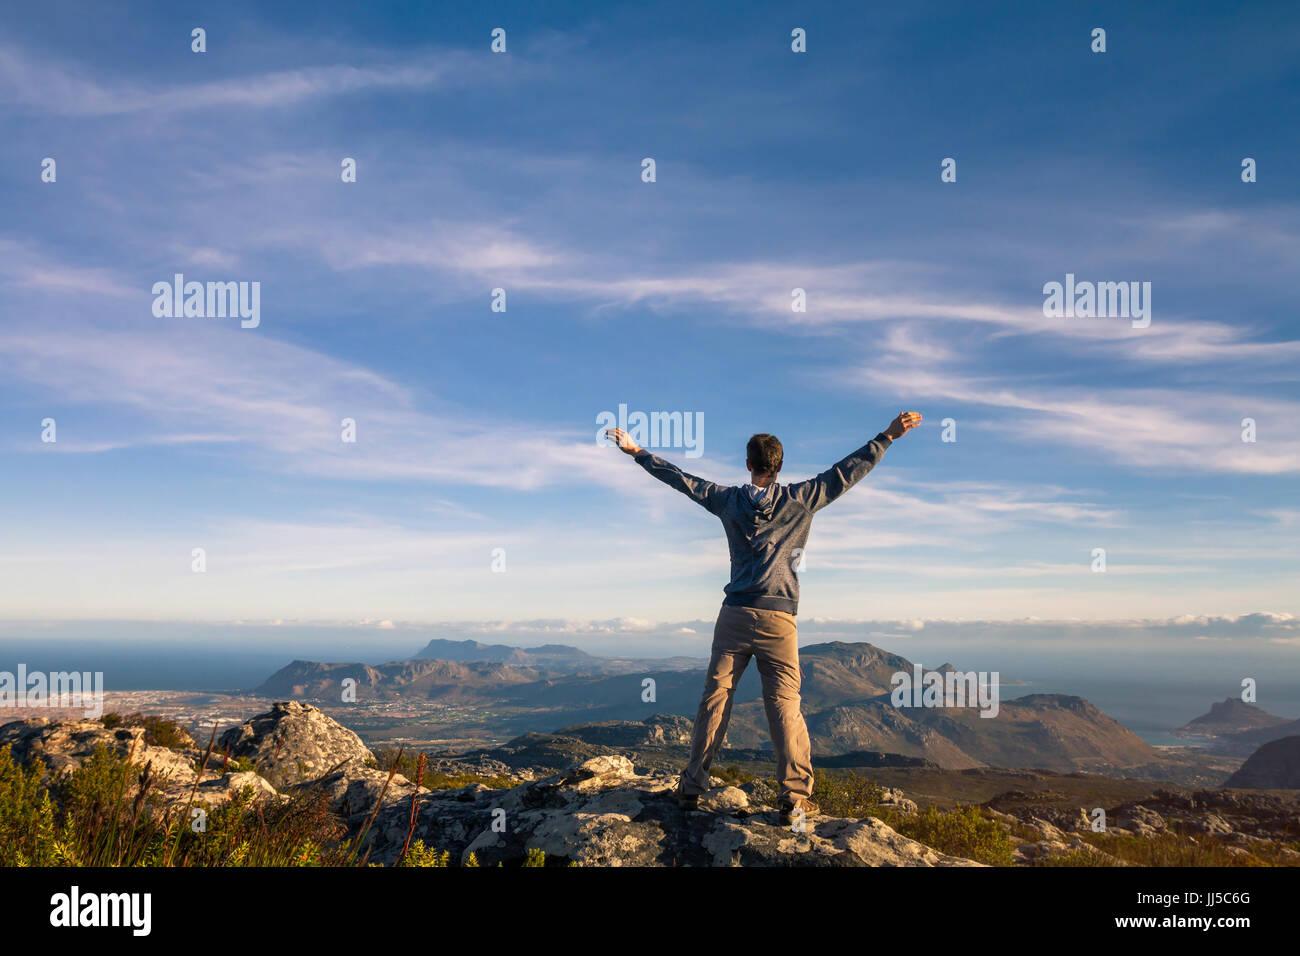 Hombre de pie con manos levantadas en la cima de la montaña de la Mesa en Ciudad del Cabo, Sudáfrica Imagen De Stock